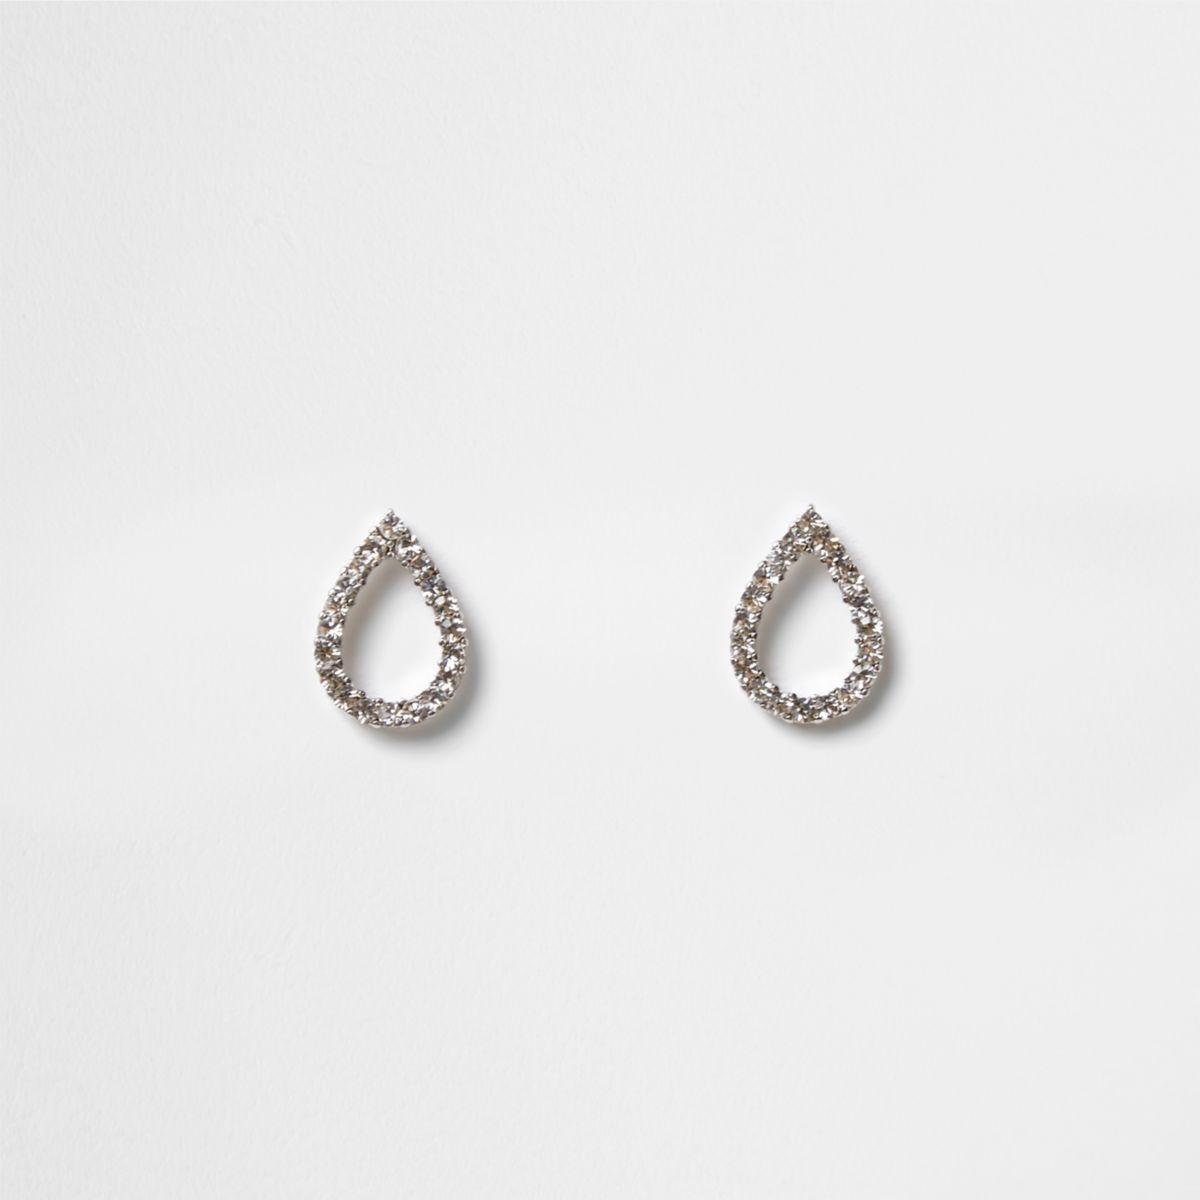 Silver tone teardrop stud earrings